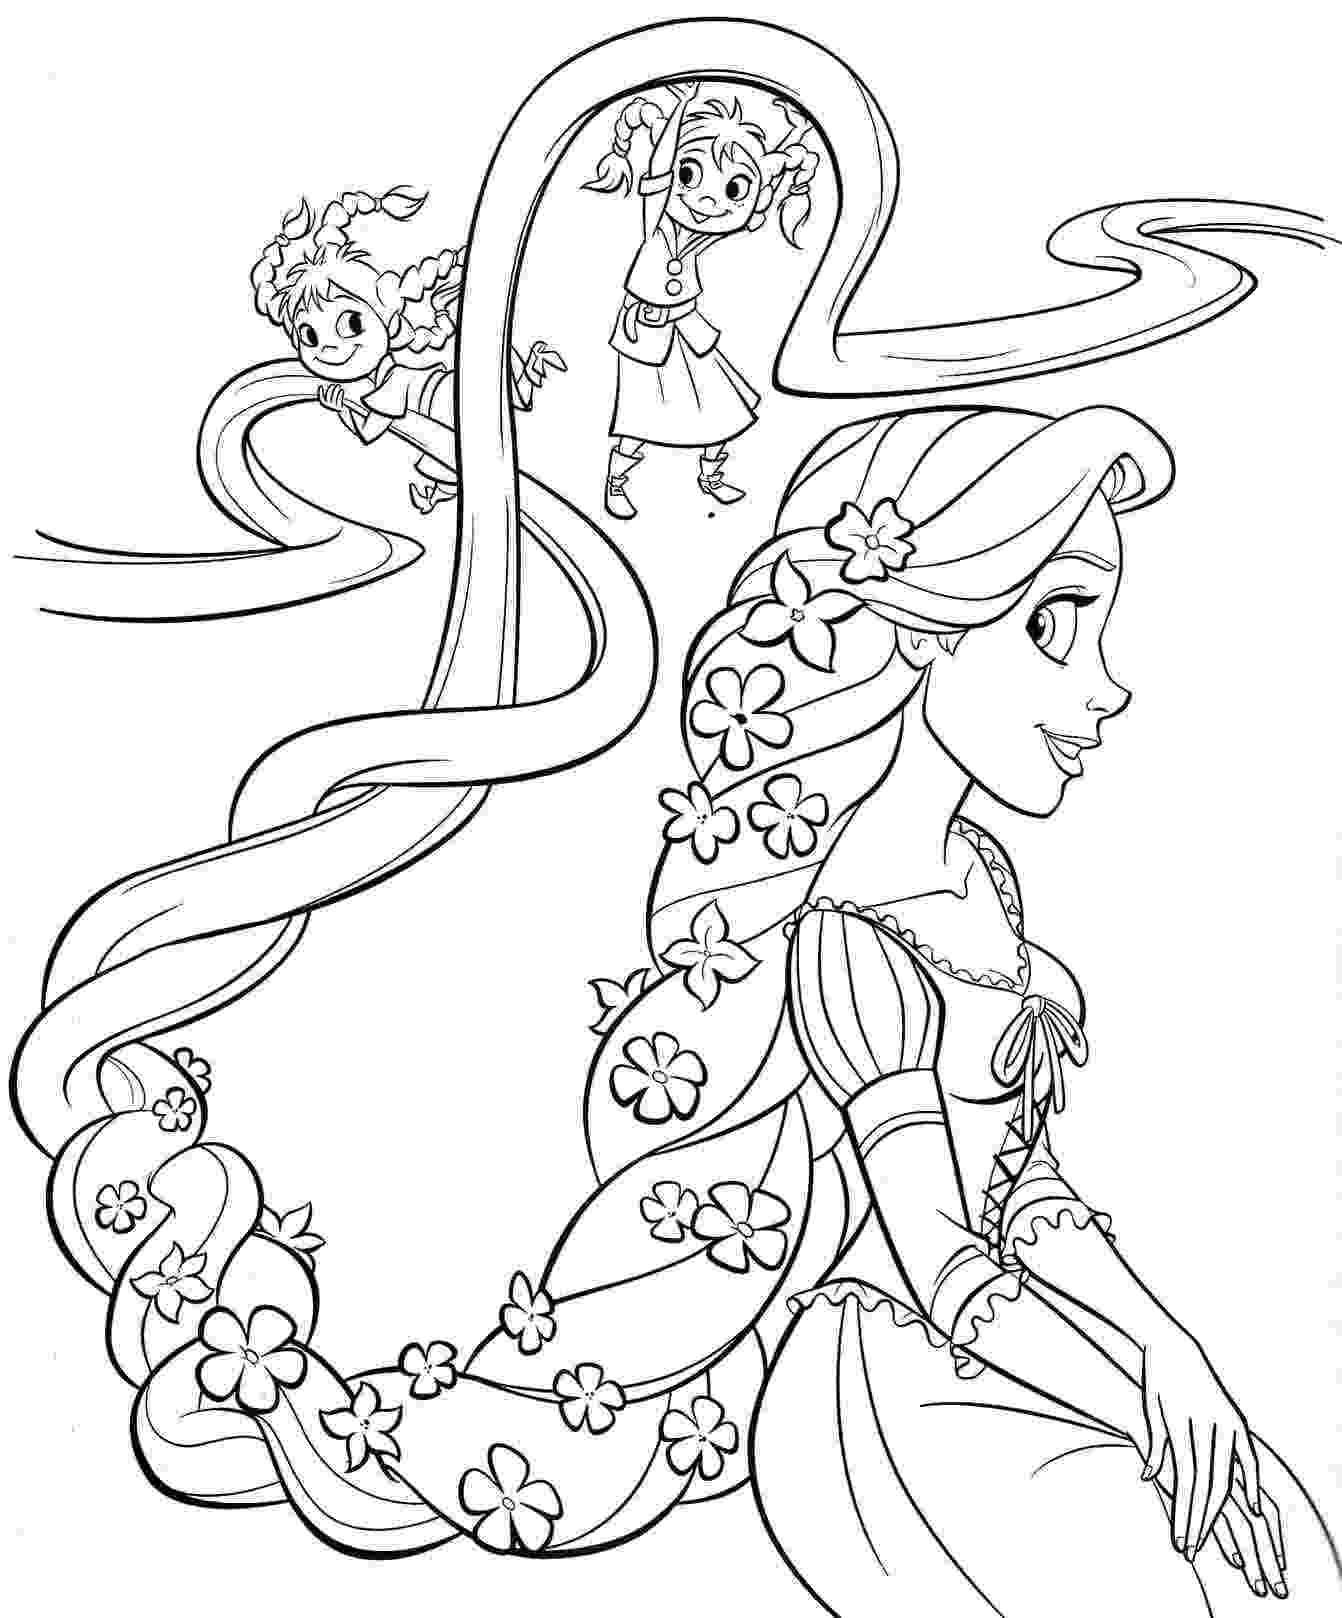 princess coloring sheets princess coloring pages best coloring pages for kids princess coloring sheets